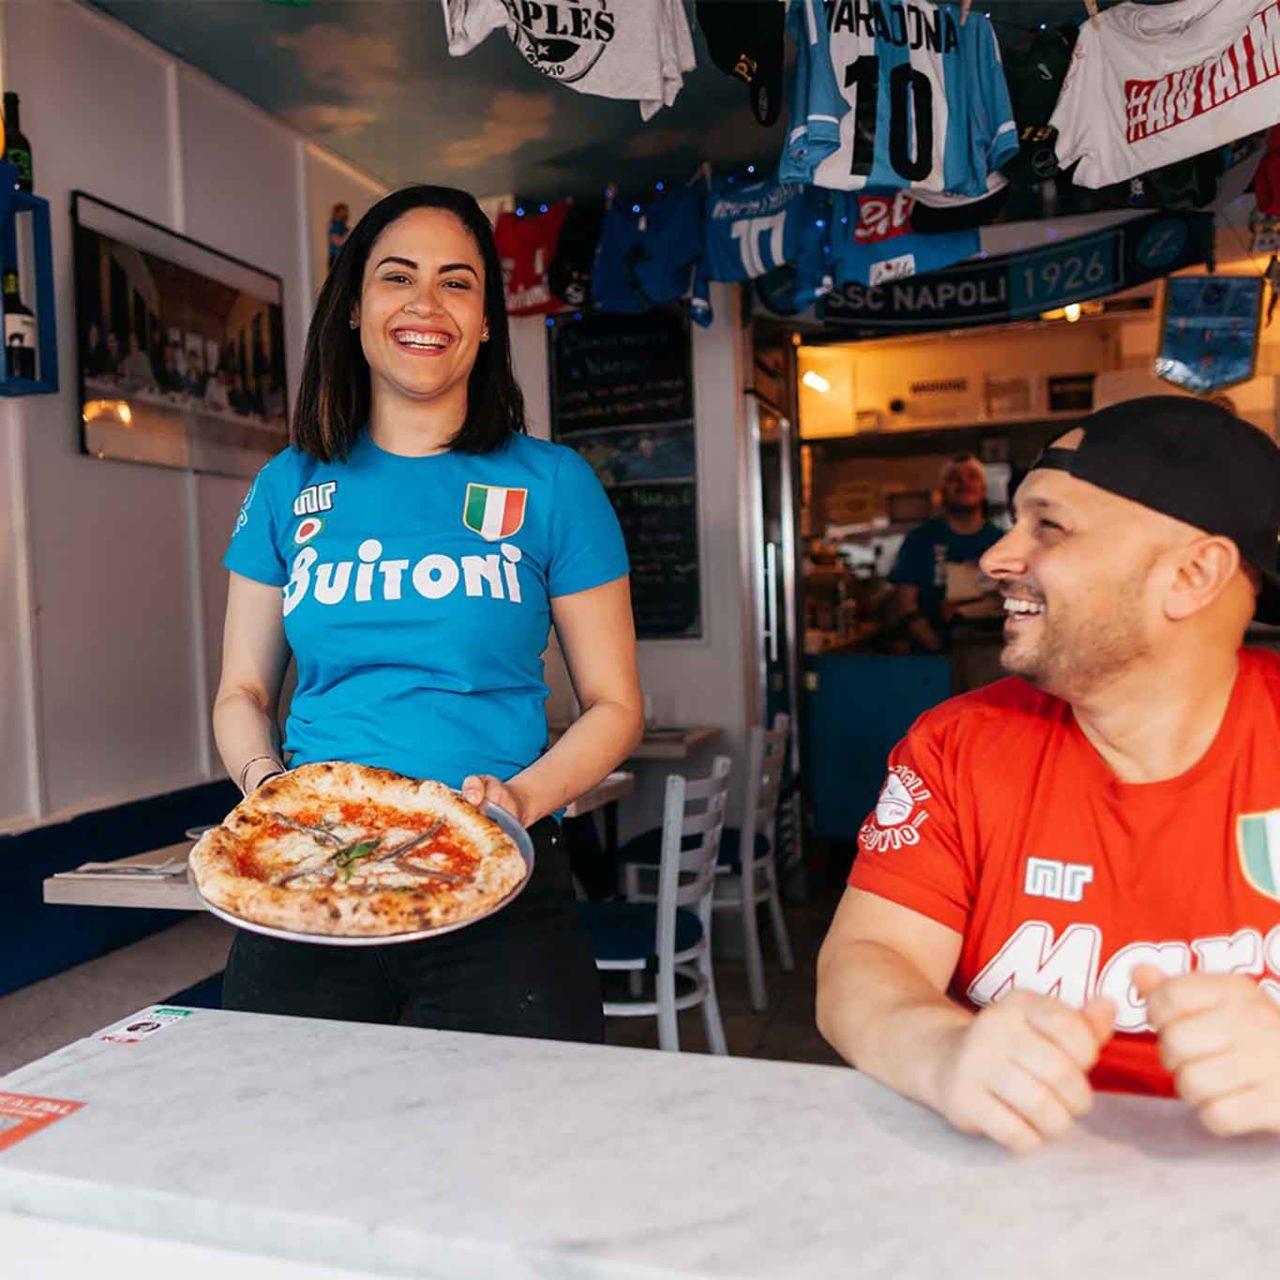 pizza e ristoranti napoletani Song e Napule